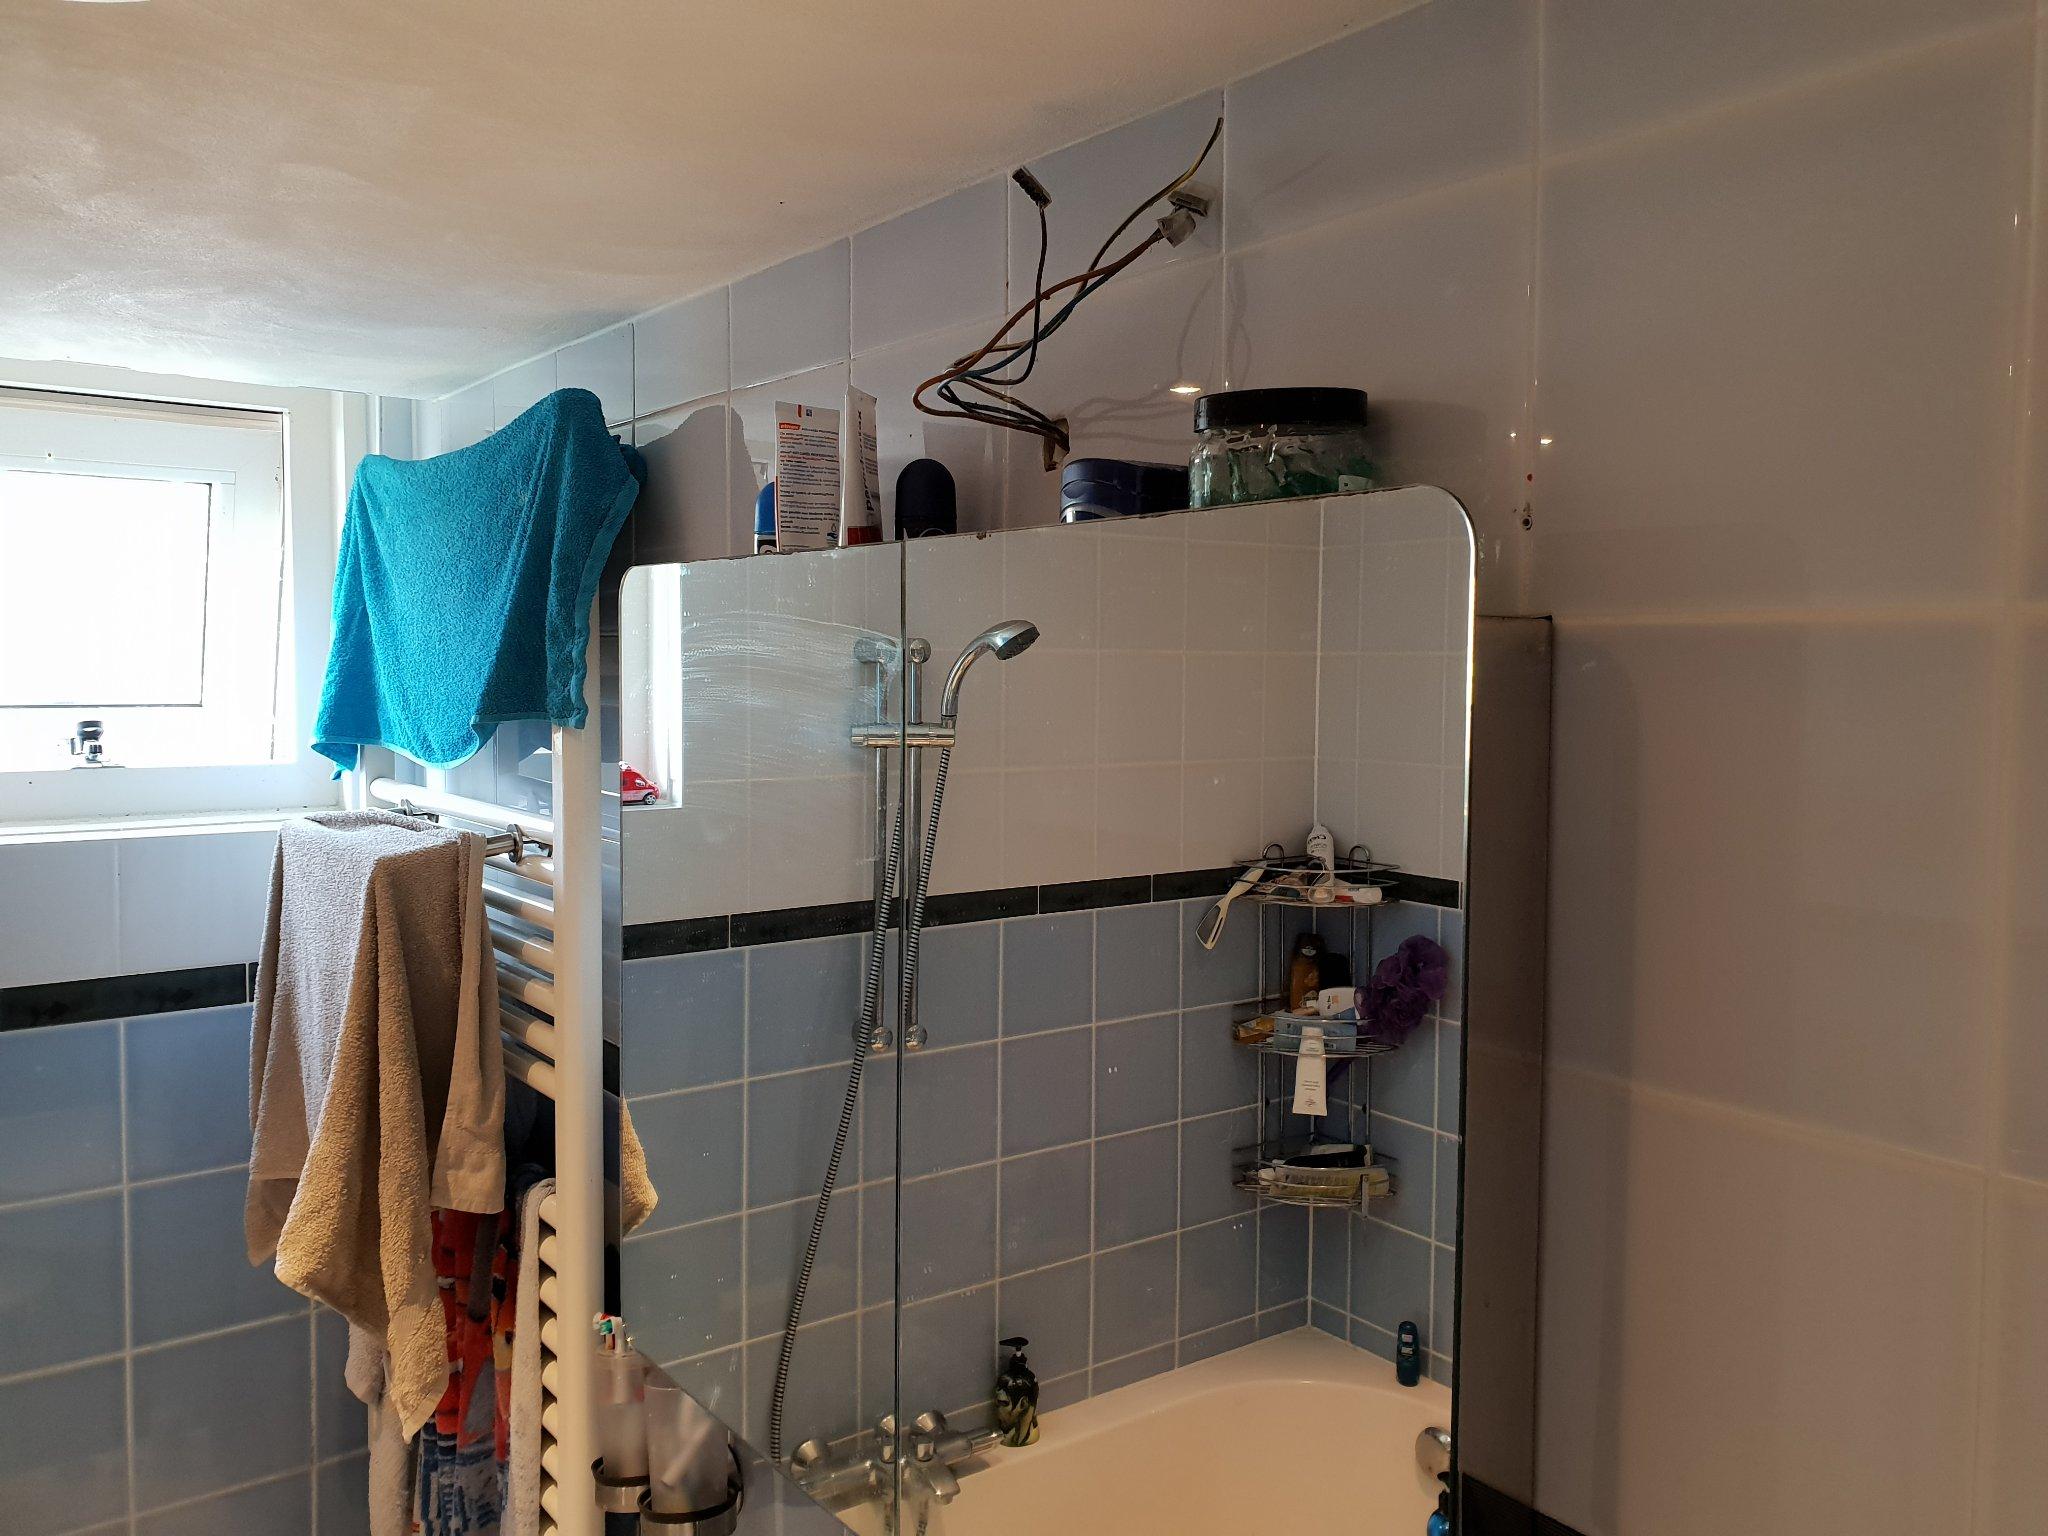 Spiegellamp Voor Badkamer : Badkamer afwerken w c repareren spiegellamp plafond schade en